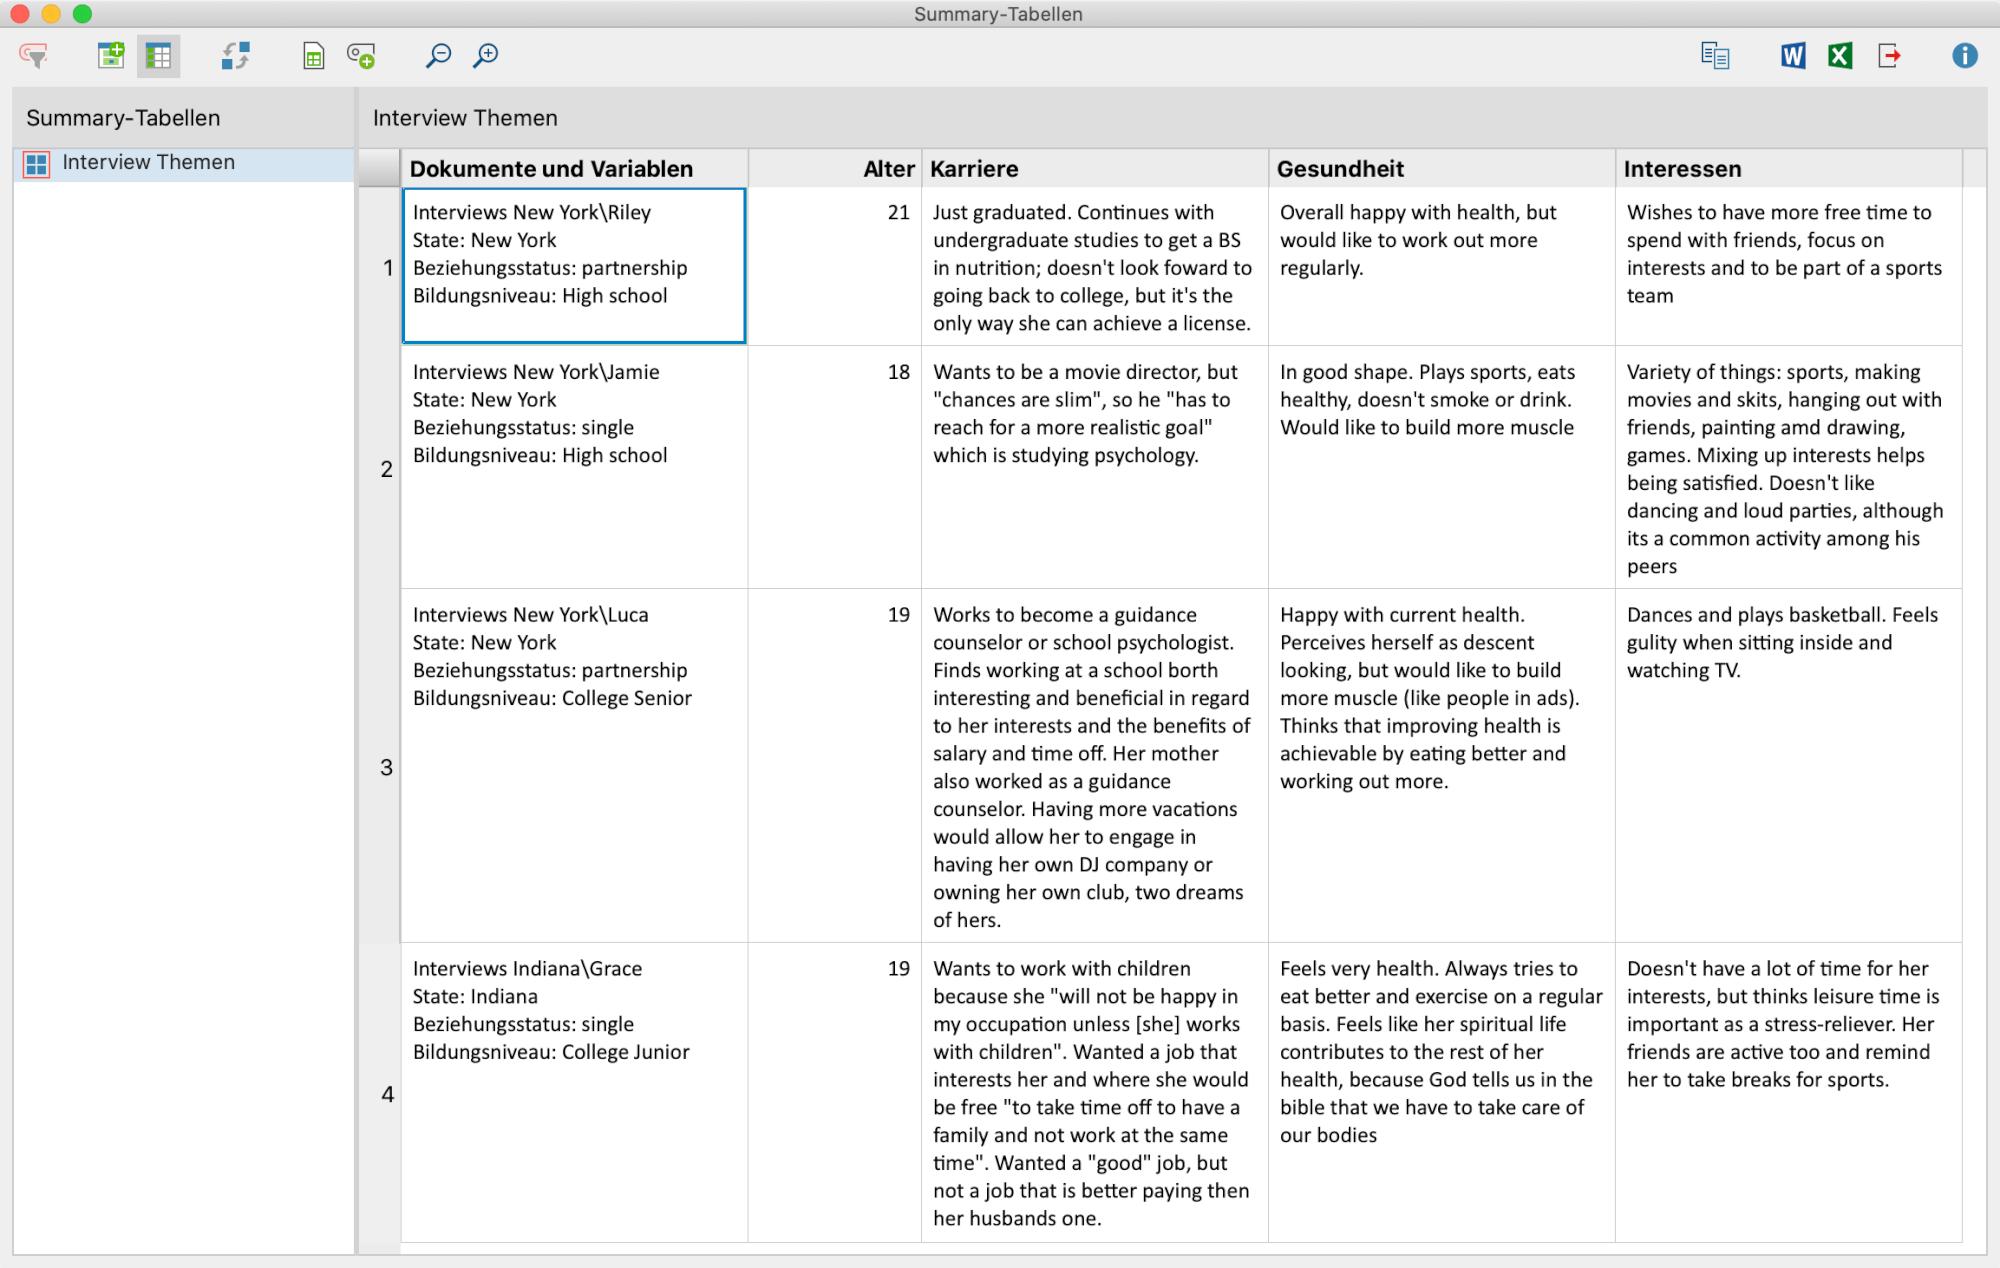 Summary-Tabelle mit ergänzenden Variablen in der ersten Spalte und einer eigenen Spalte